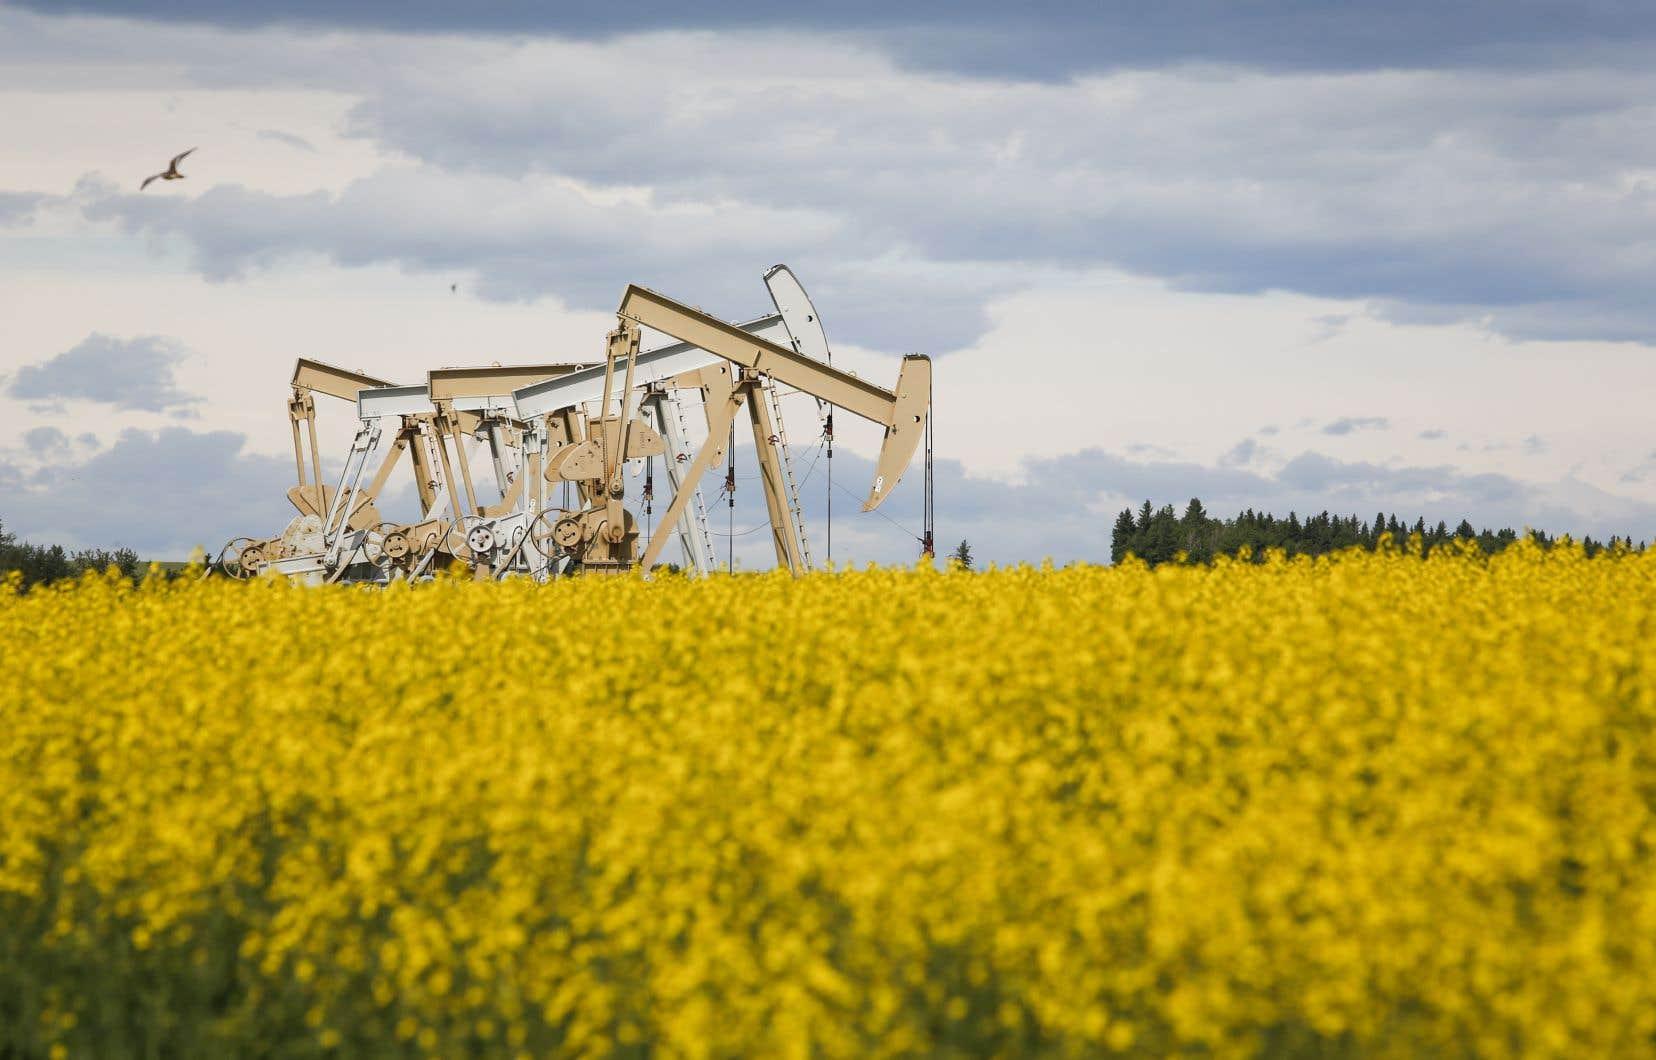 Les cours du pétrole ont chuté durant la crise sanitaire, au point de tomber même brièvement en territoire négatif.